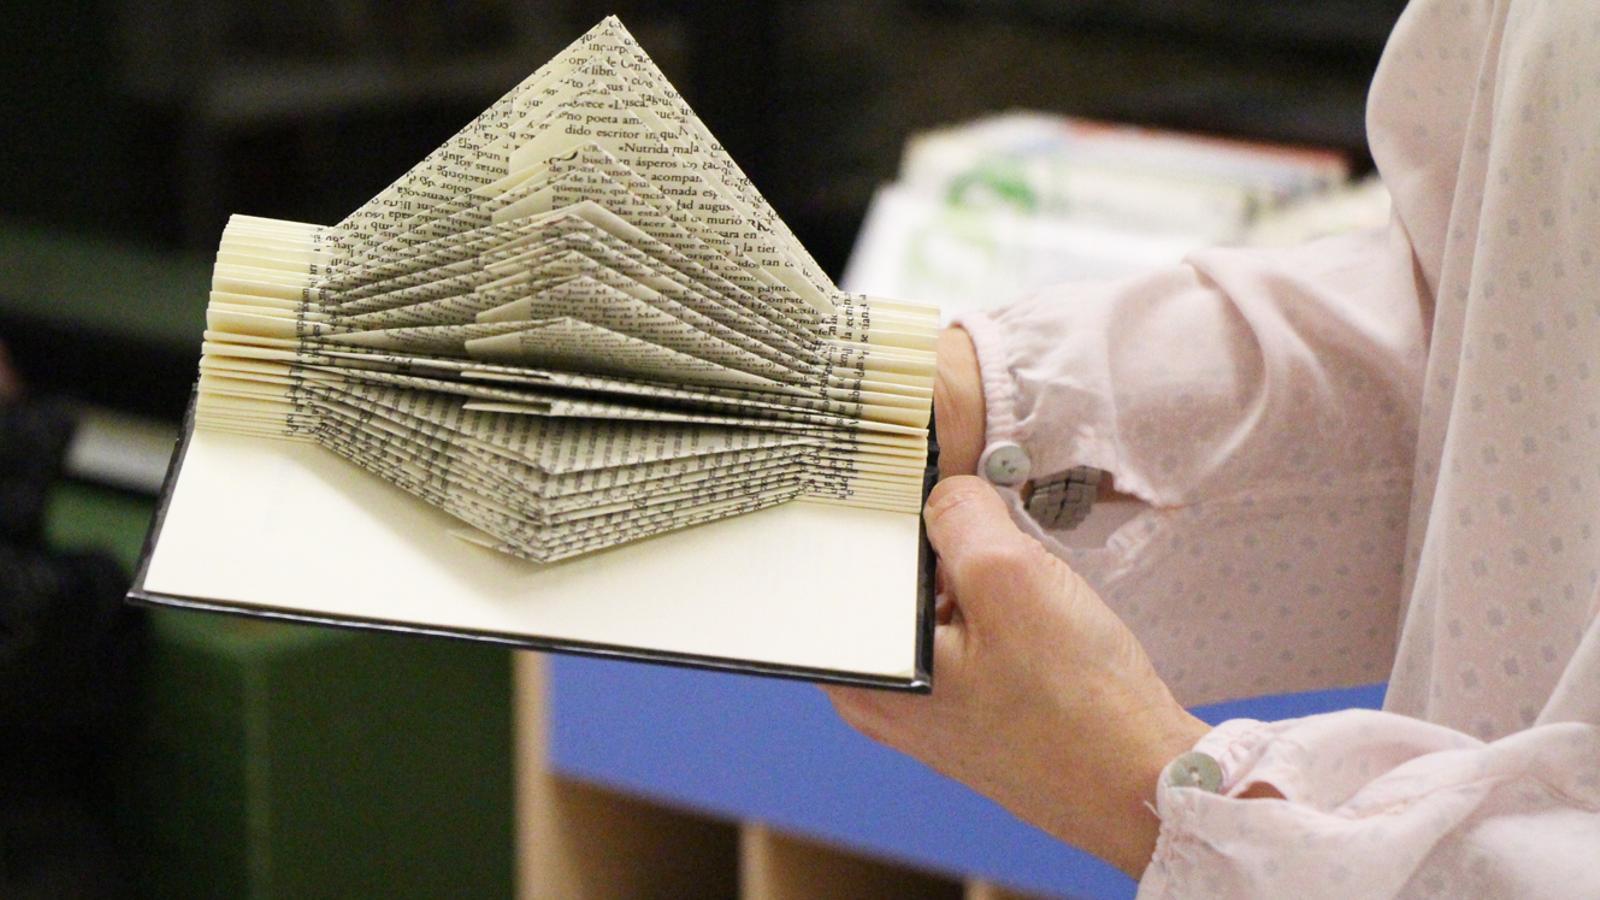 Susana Ginesta ha impartit un taller sobre 'paper book art' a la biblioteca d'Encamp. / E. J. M. (ANA)